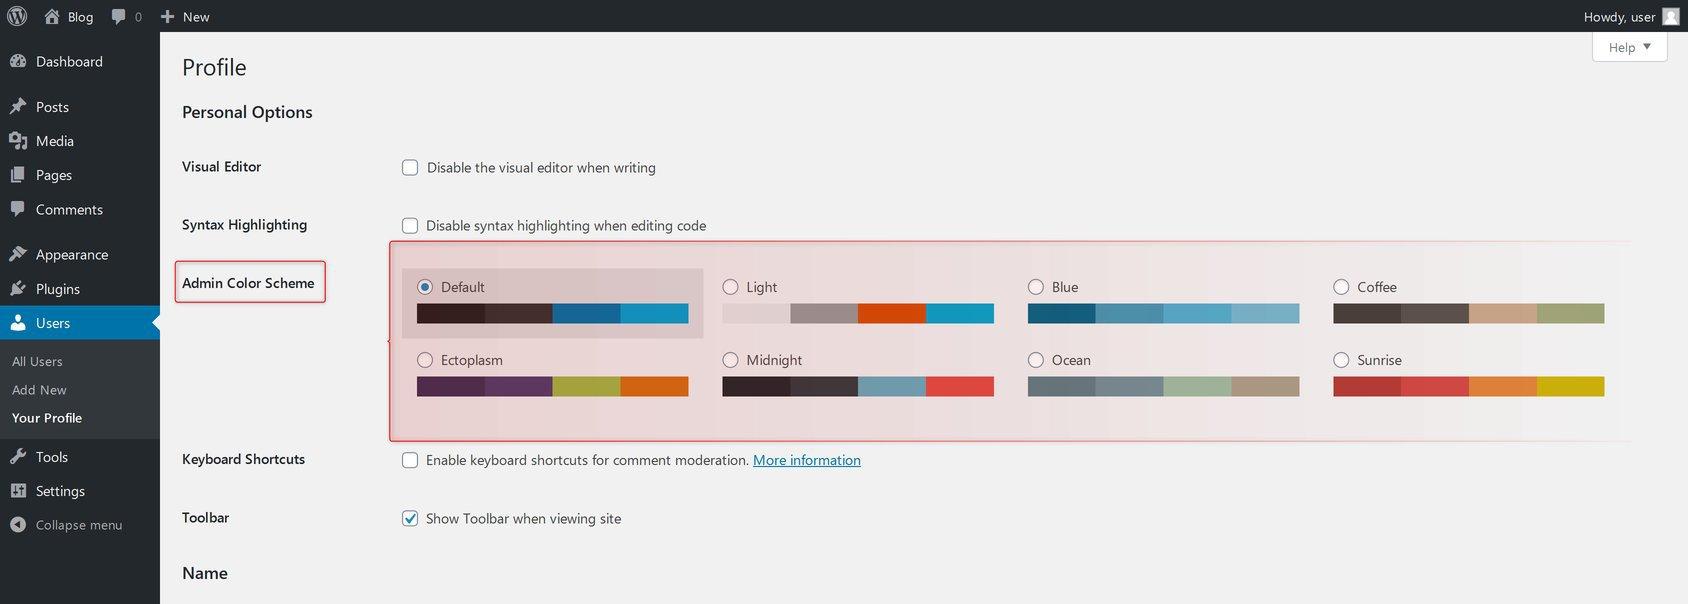 Admin Color Scheme Option